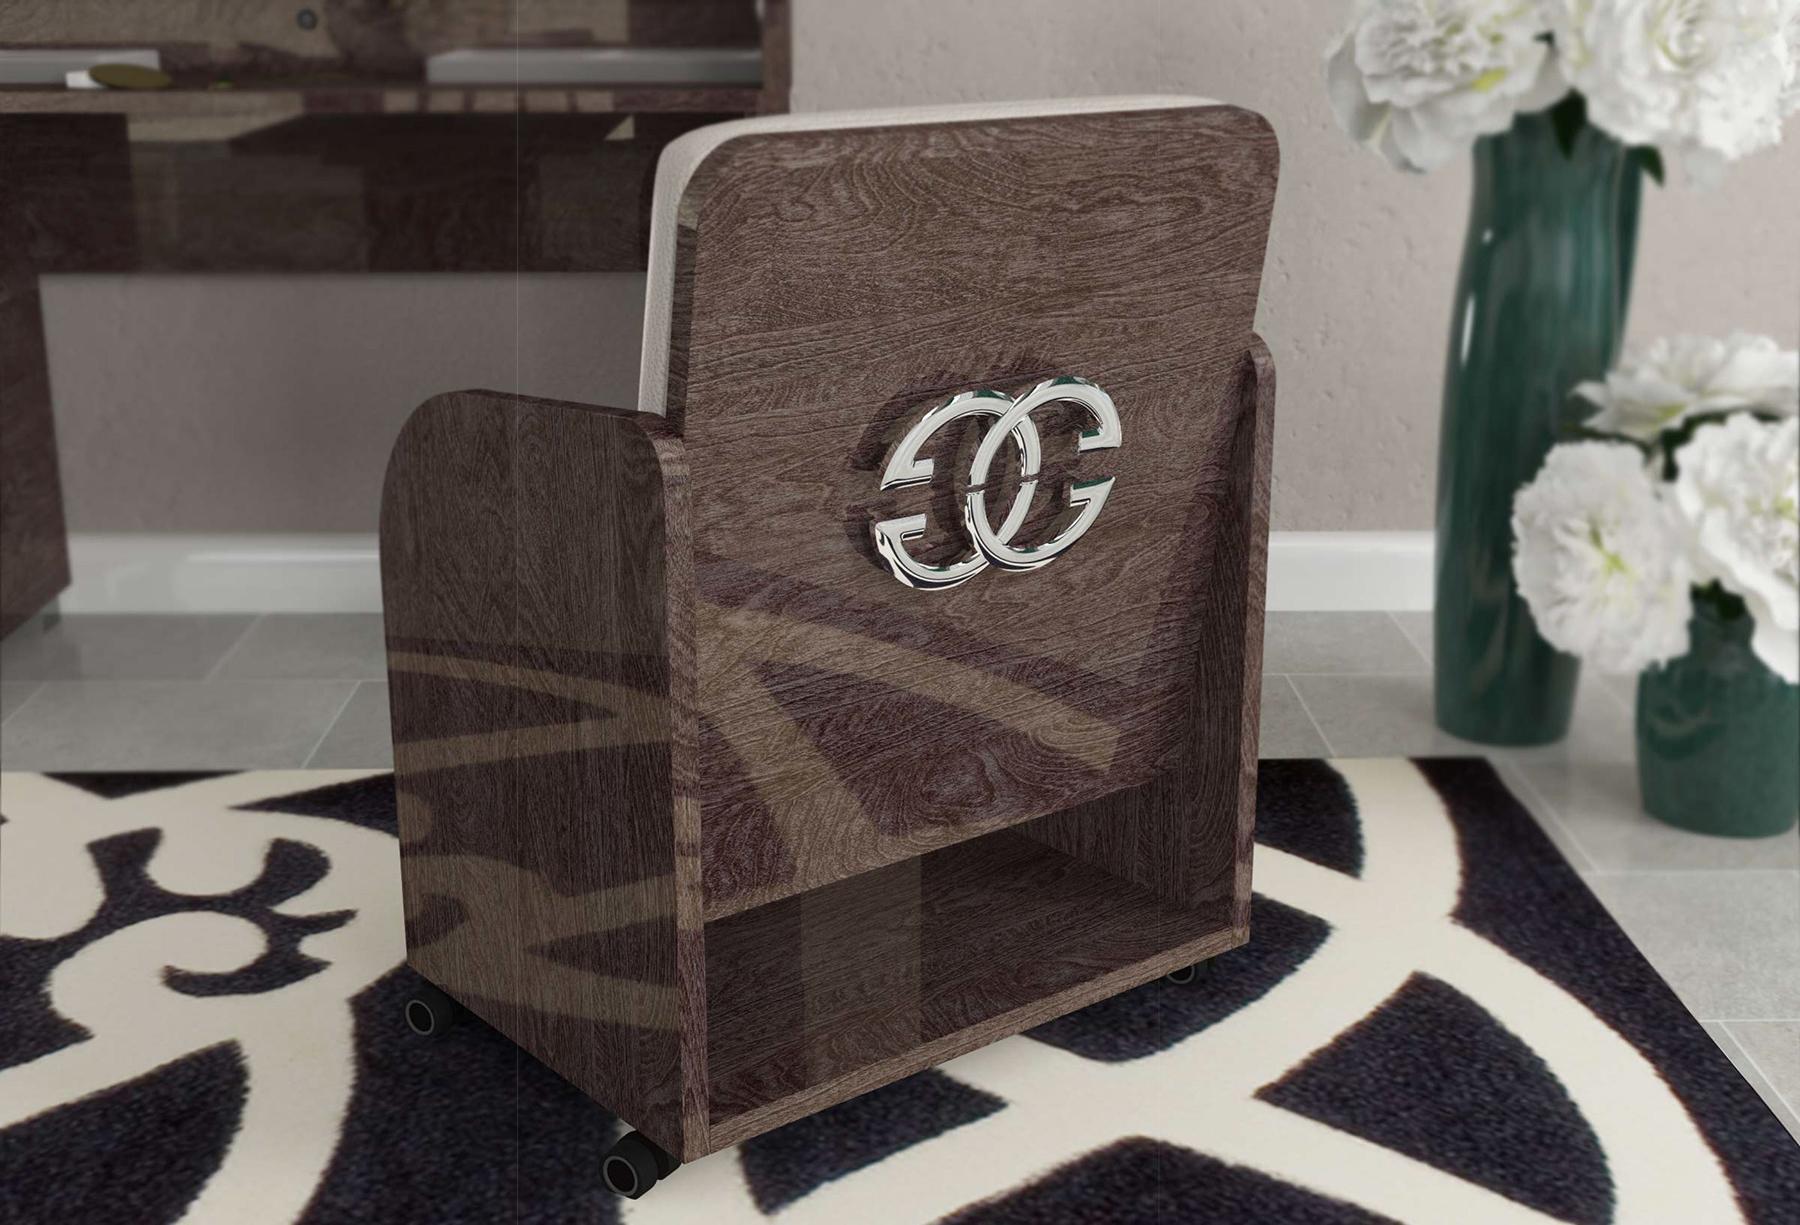 prestige deluxe modern bedrooms bedroom furniture - bspecial orderb a